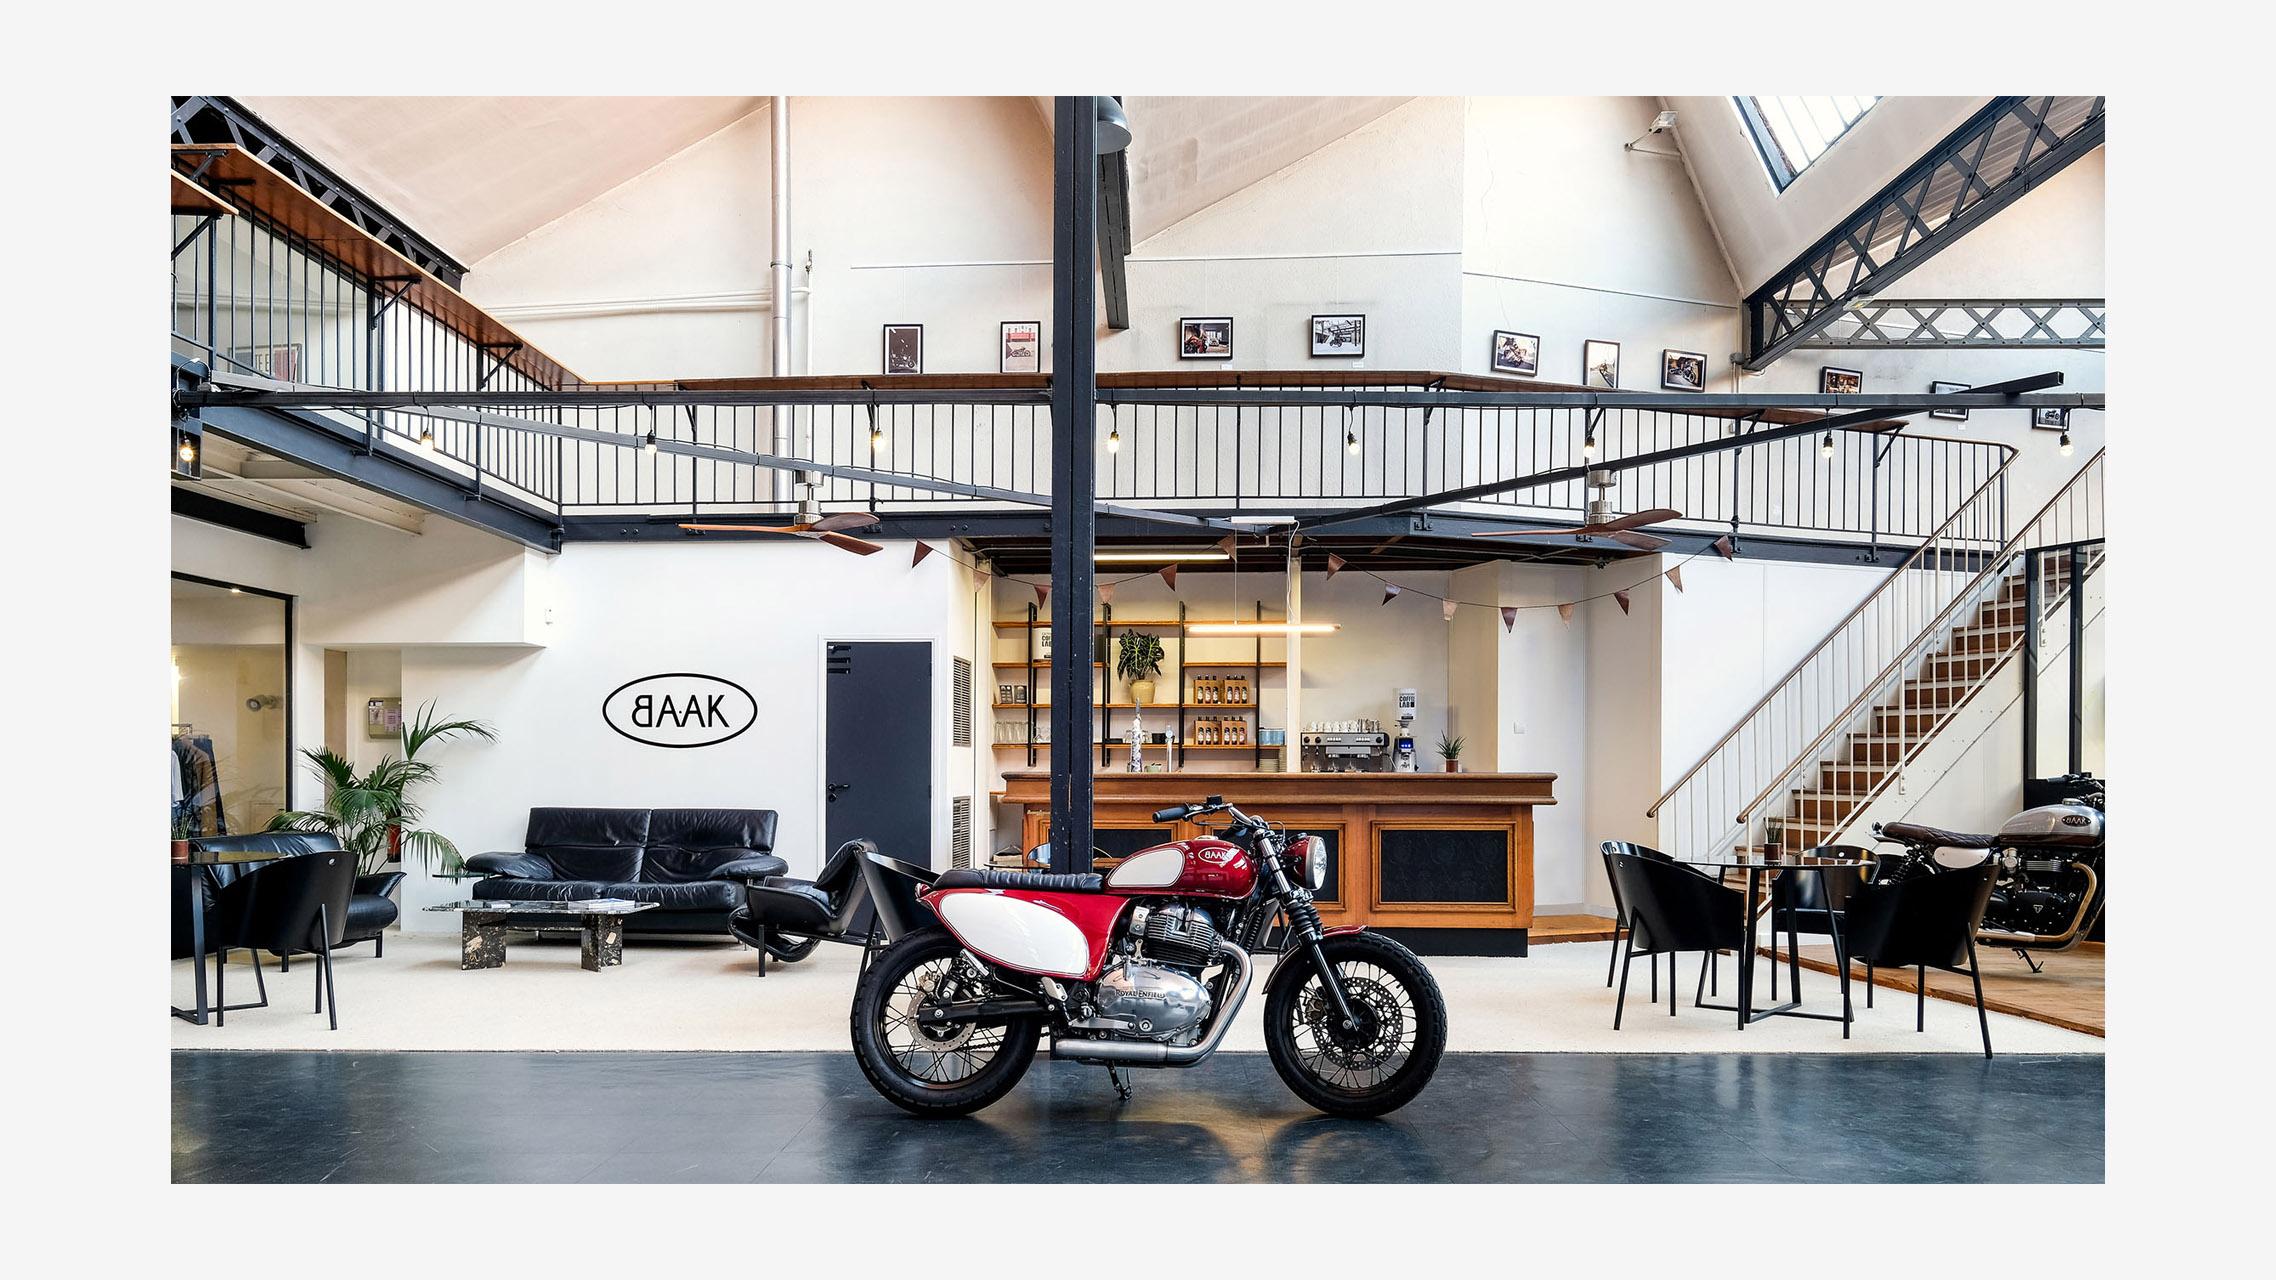 baak-motocyclettes-35B